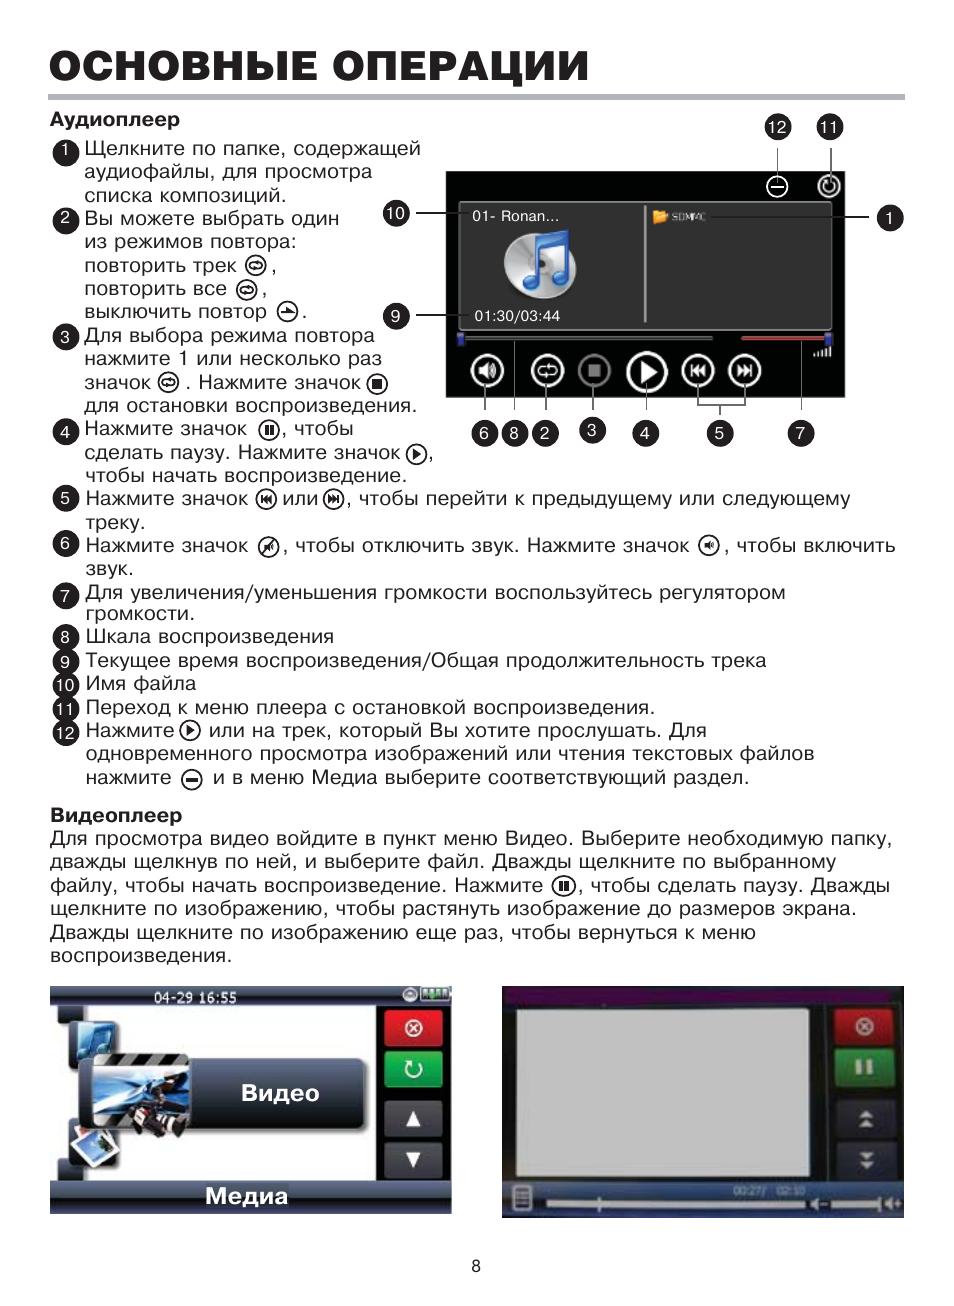 Основные операции, Видео медиа Инструкция по эксплуатации BBK N4326 Страница 10 / 20 Оригинал